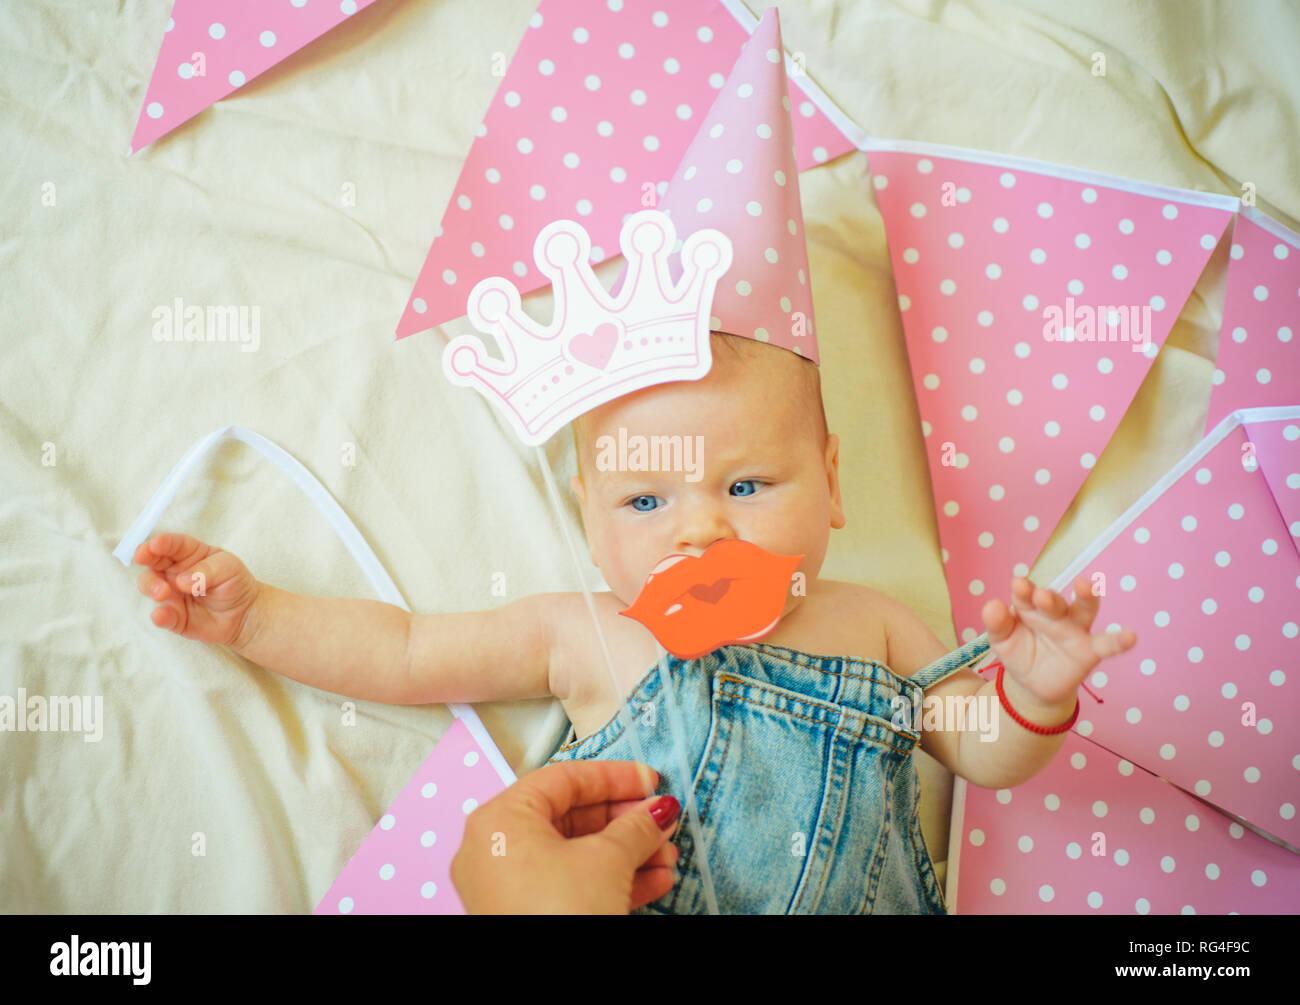 Kleines Mädchen Familie Kinderbetreuung Tag Der Kinder Süße